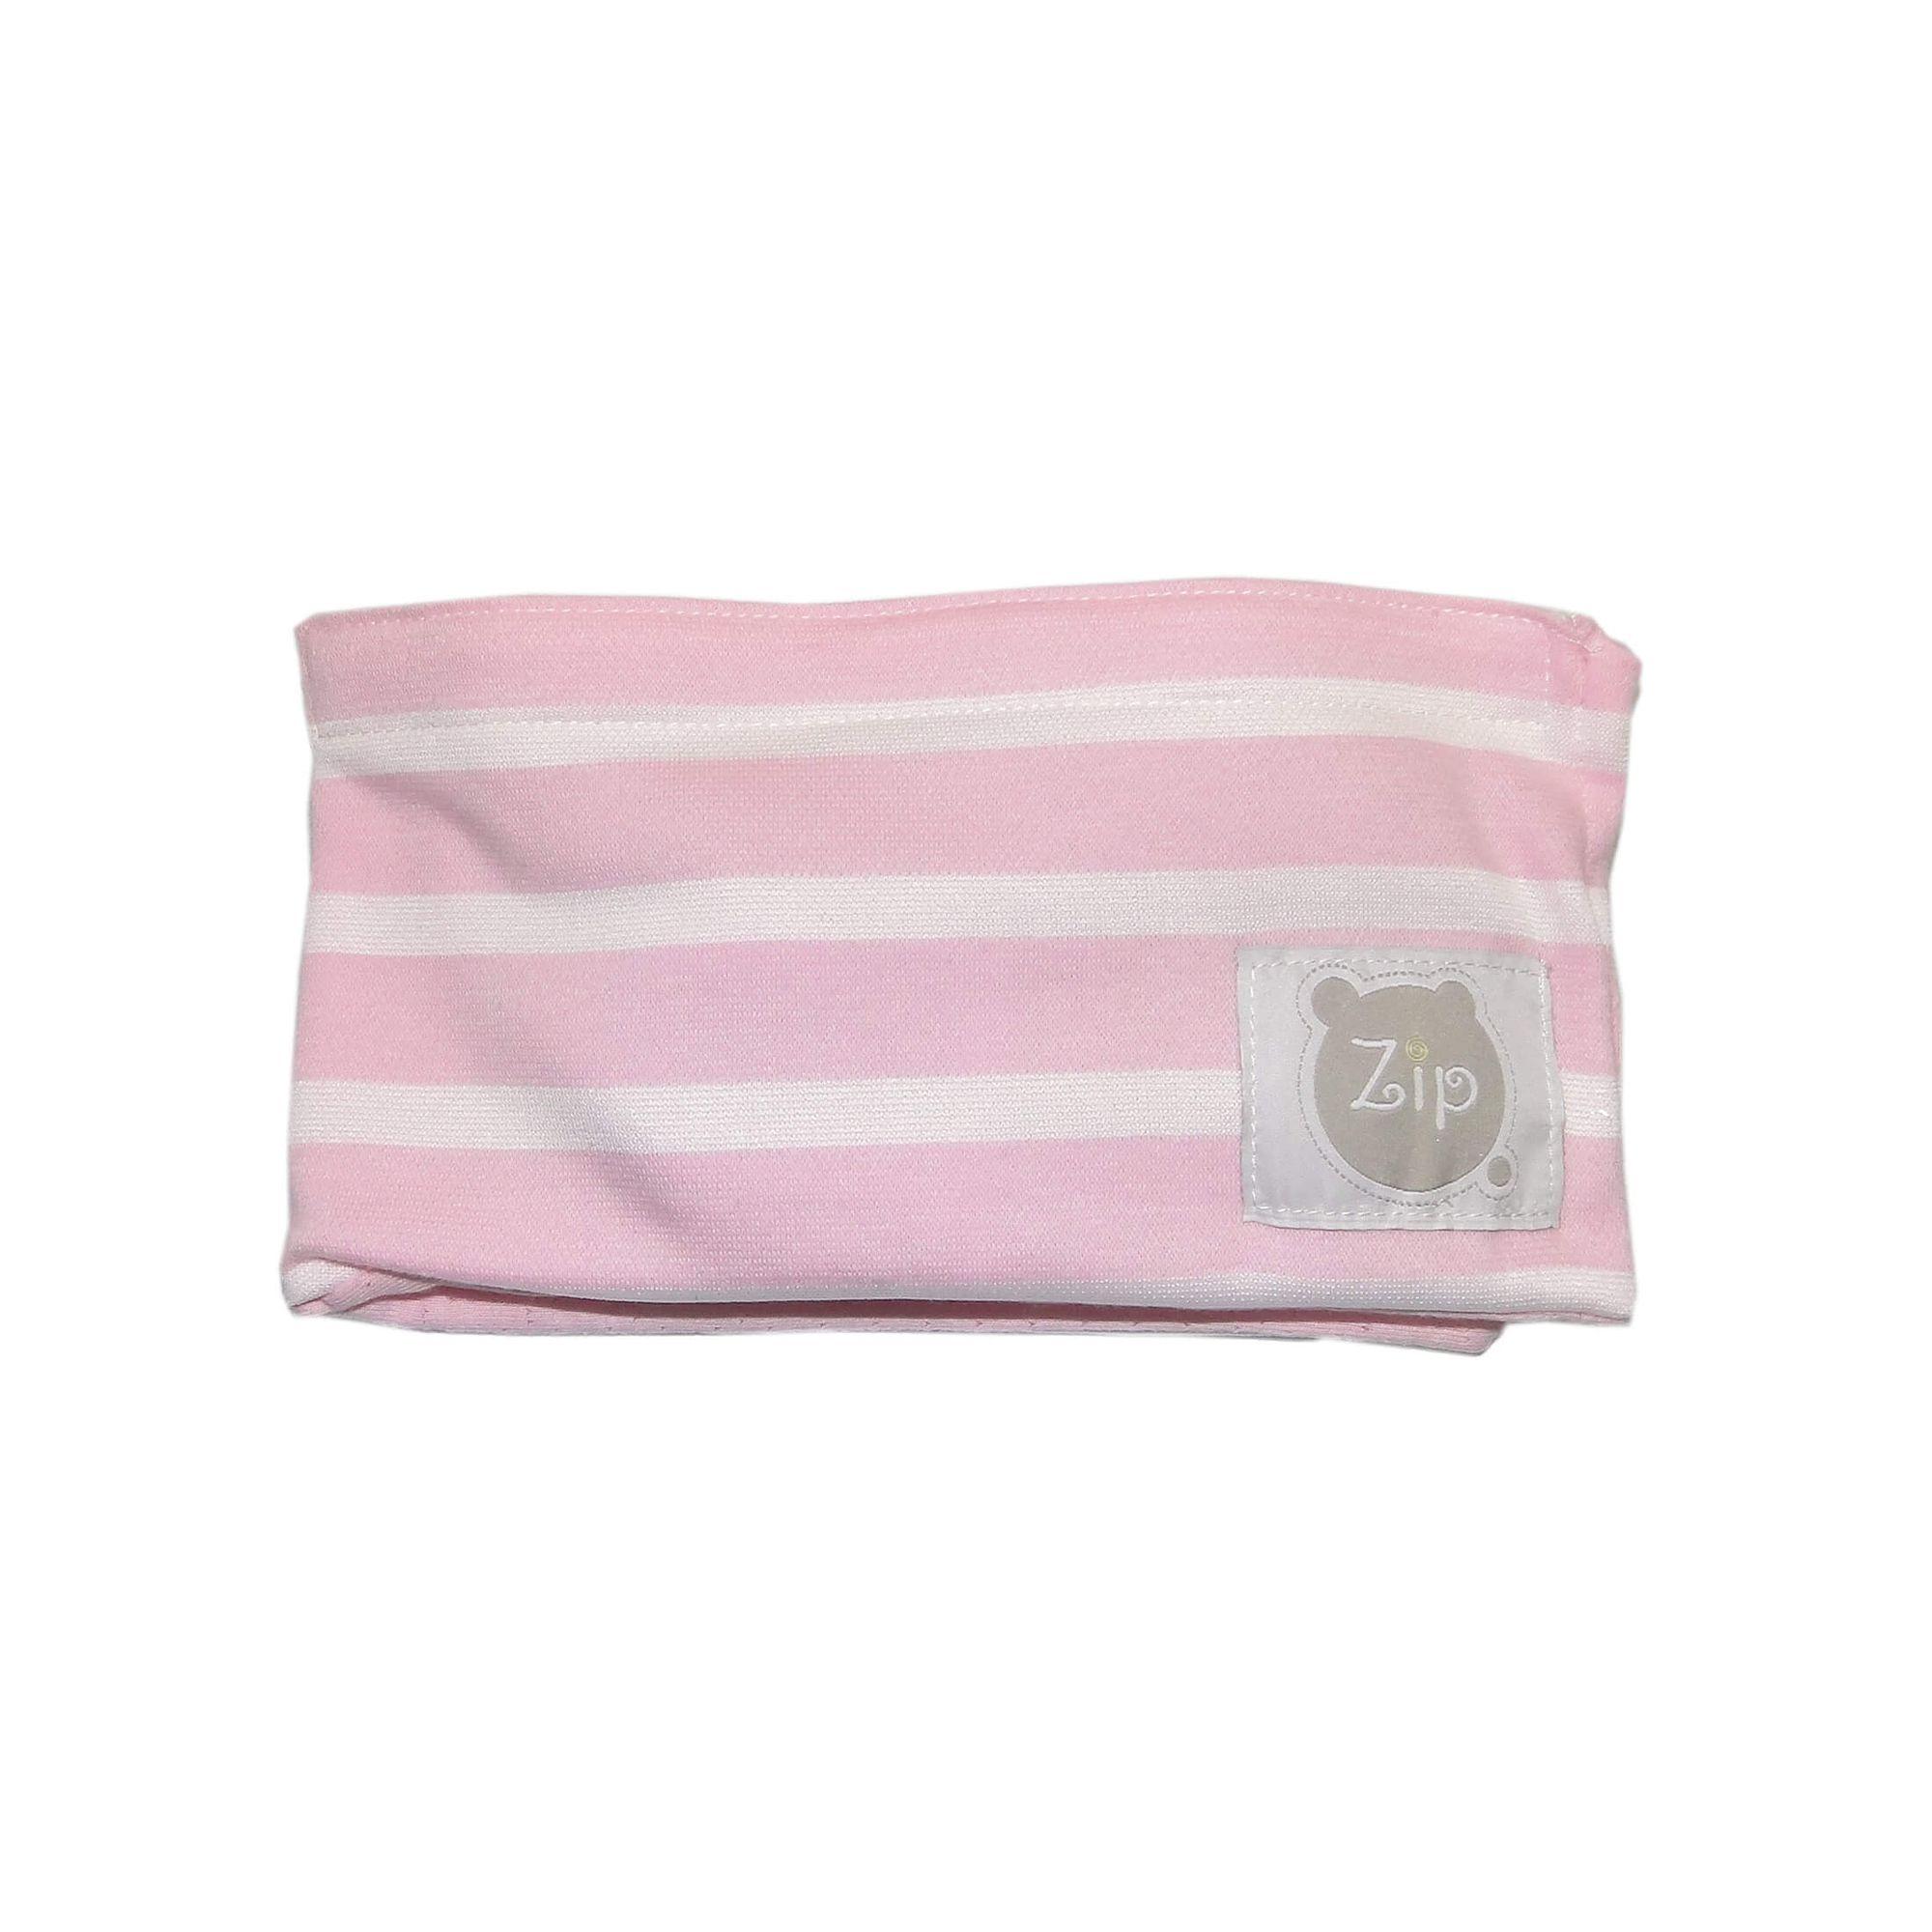 b68e01cdbf2 Faixa Térmica Abdominal com Ervas para Bebês Rosa - Zip Toys - EcaMeleca